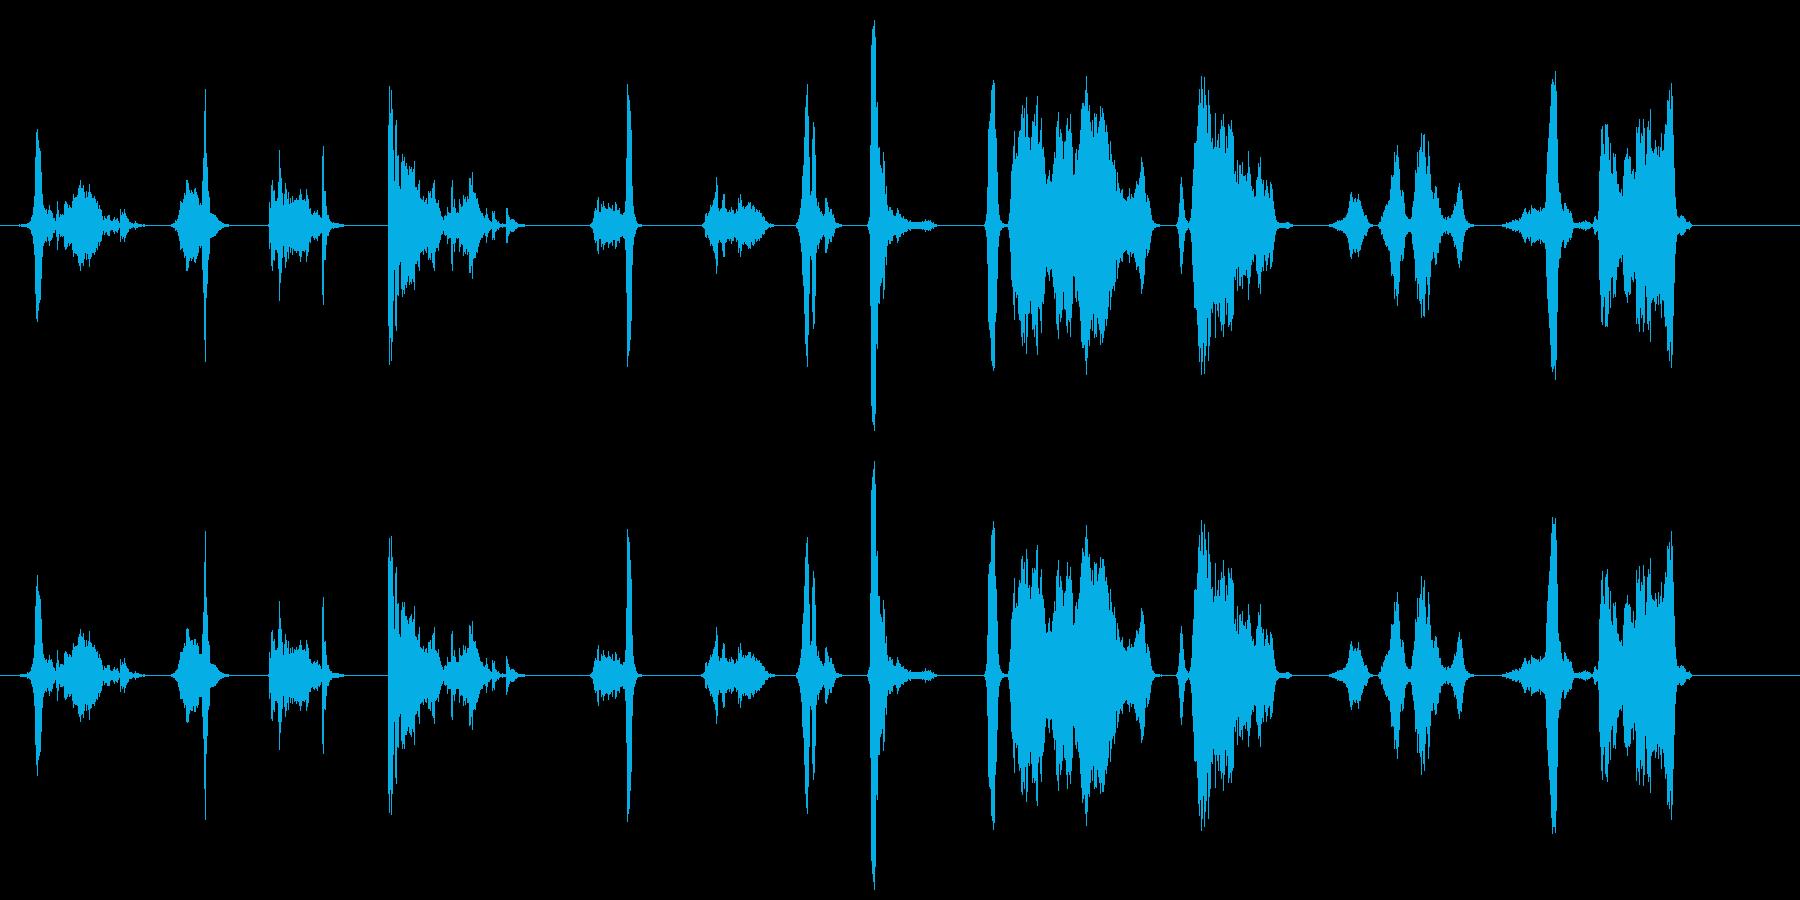 短い複数のスクラップ;高鳴り;セメ...の再生済みの波形